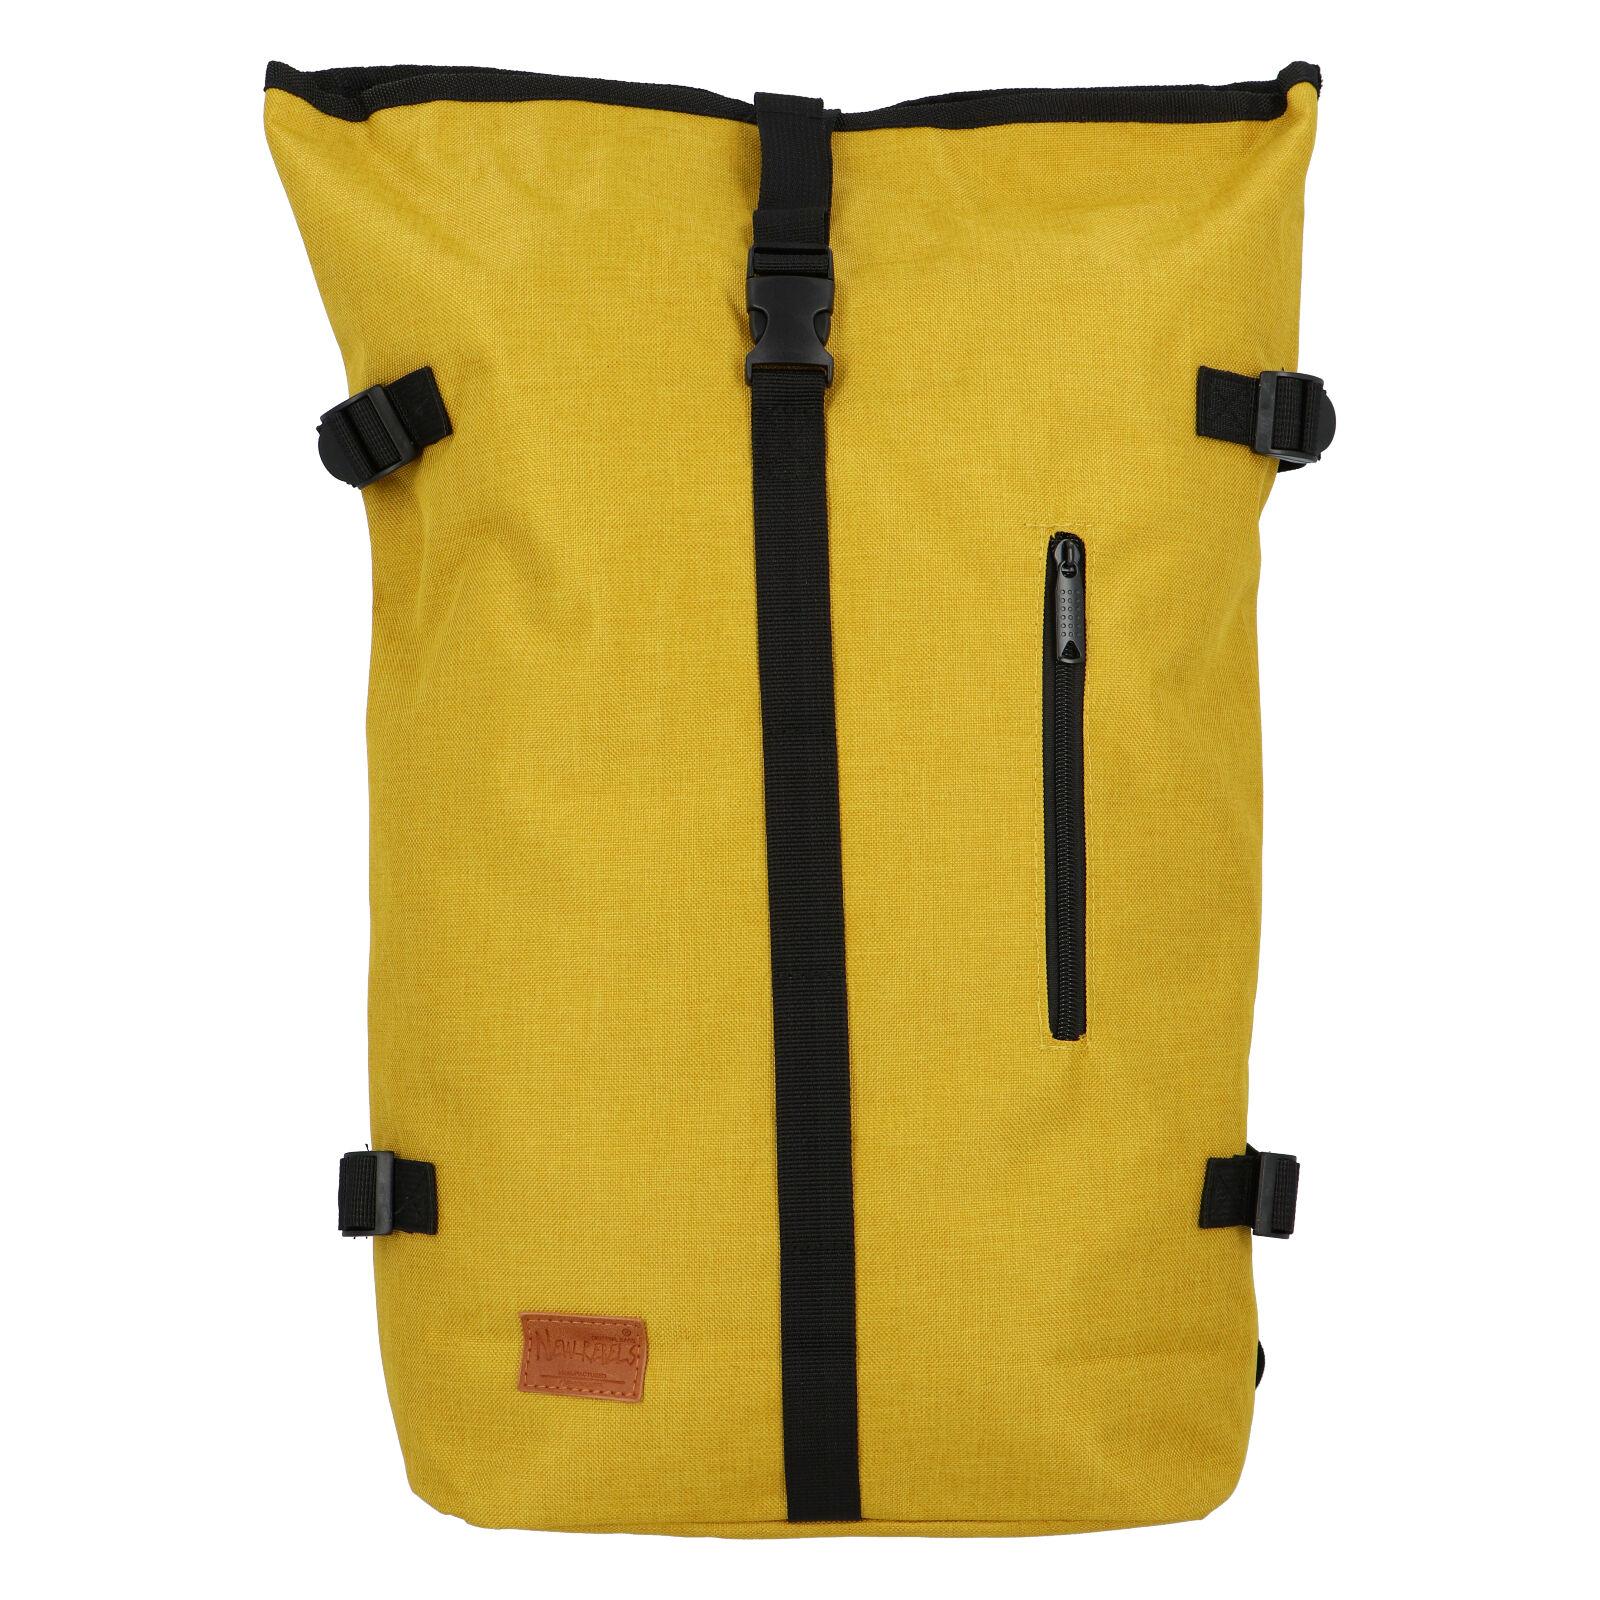 Jedinečný veľký štýlový unisex batoh žltý - New Rebels Rebback